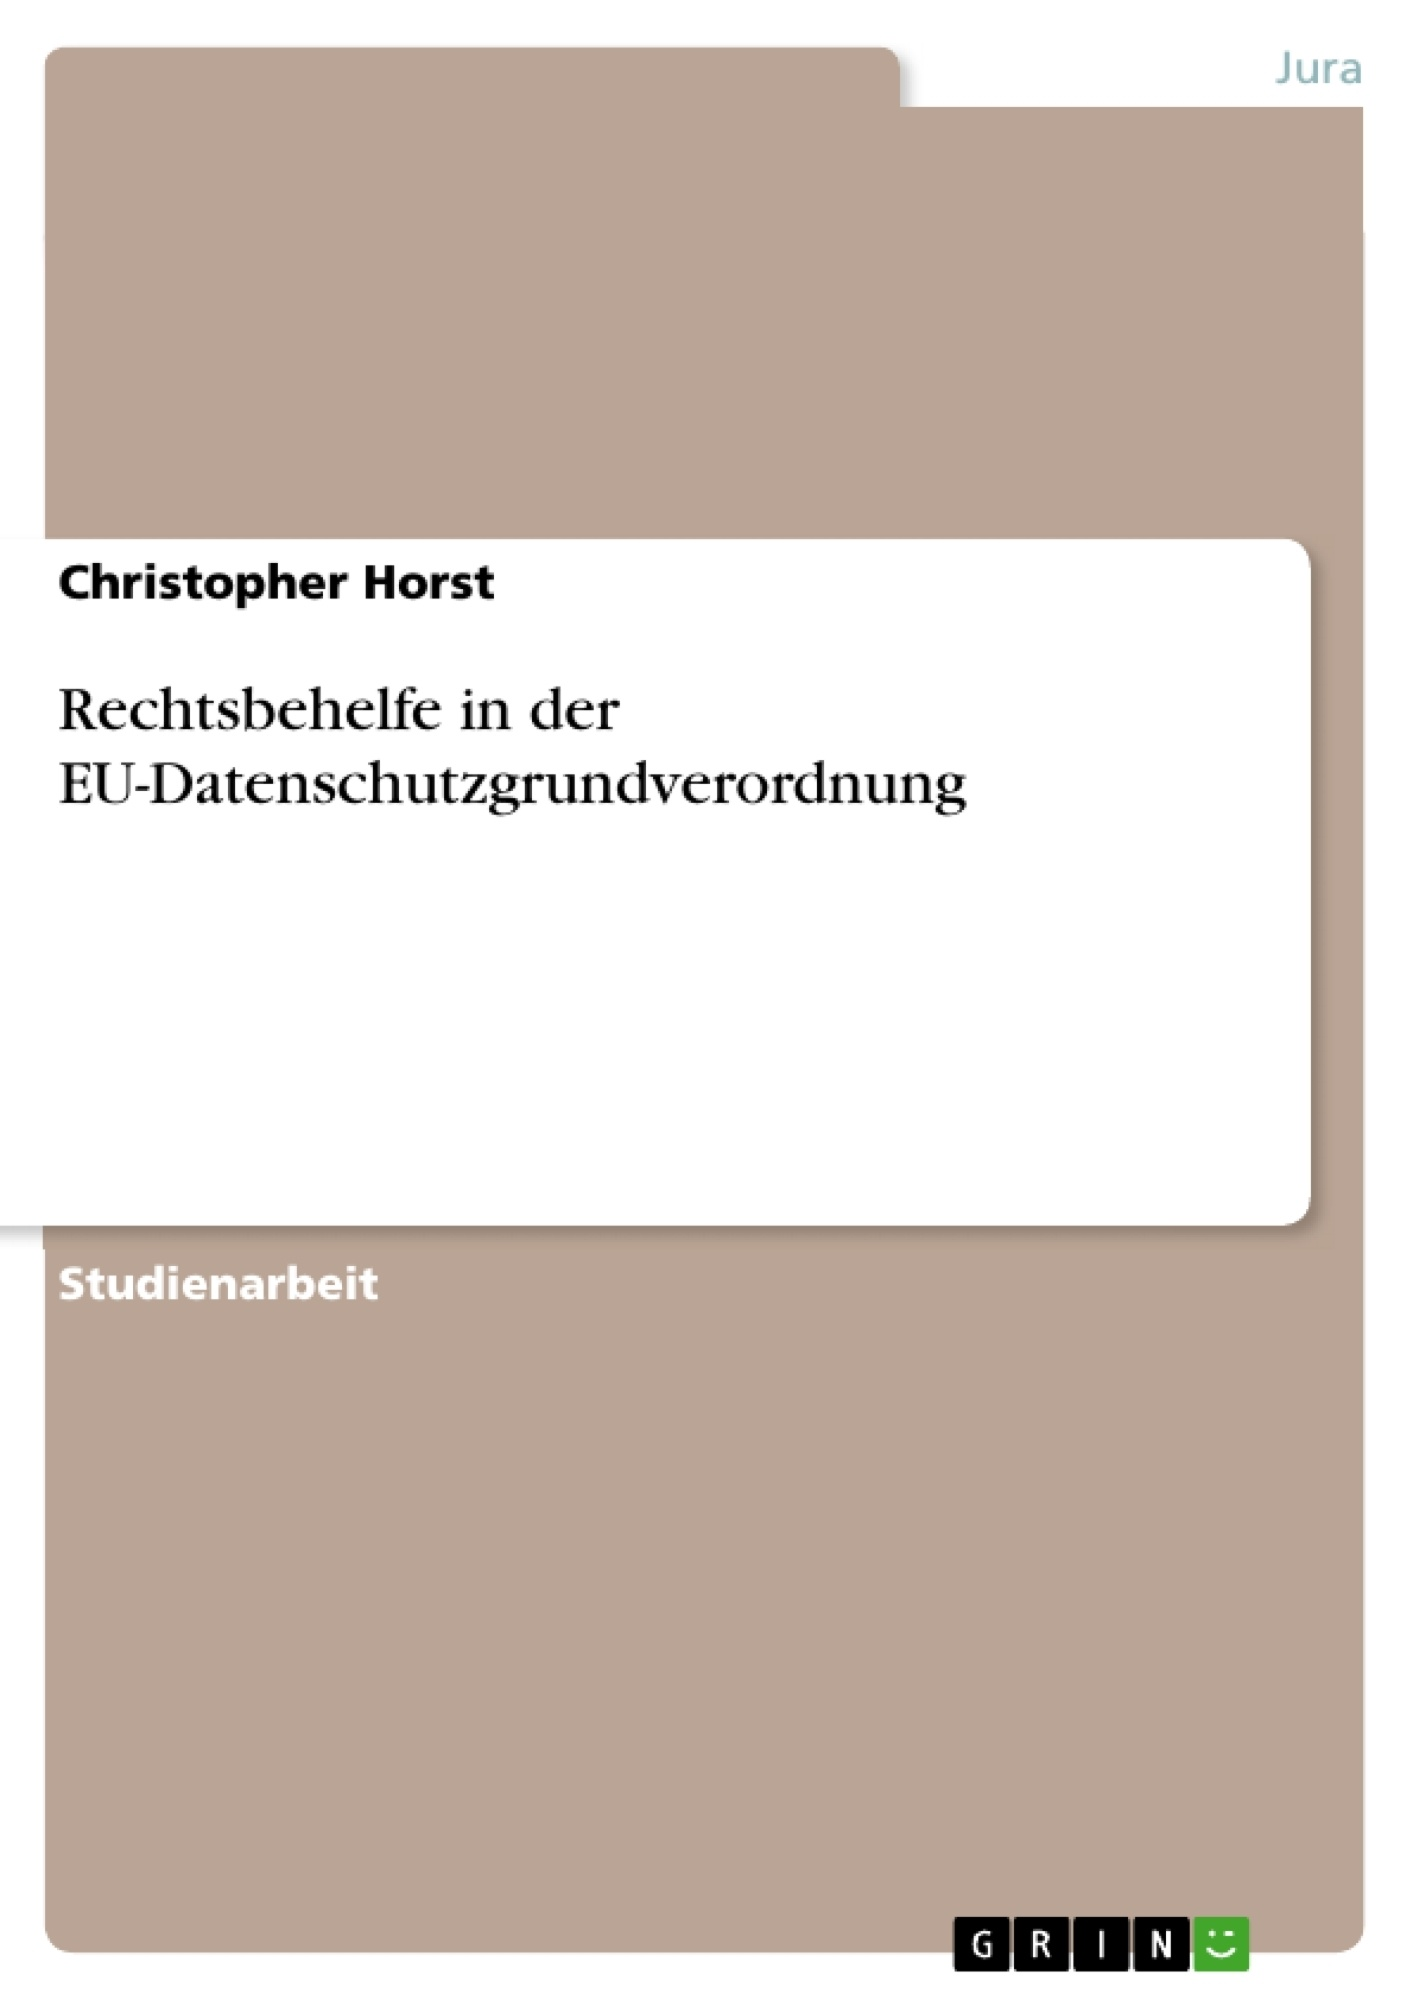 Titel: Rechtsbehelfe in der EU-Datenschutzgrundverordnung